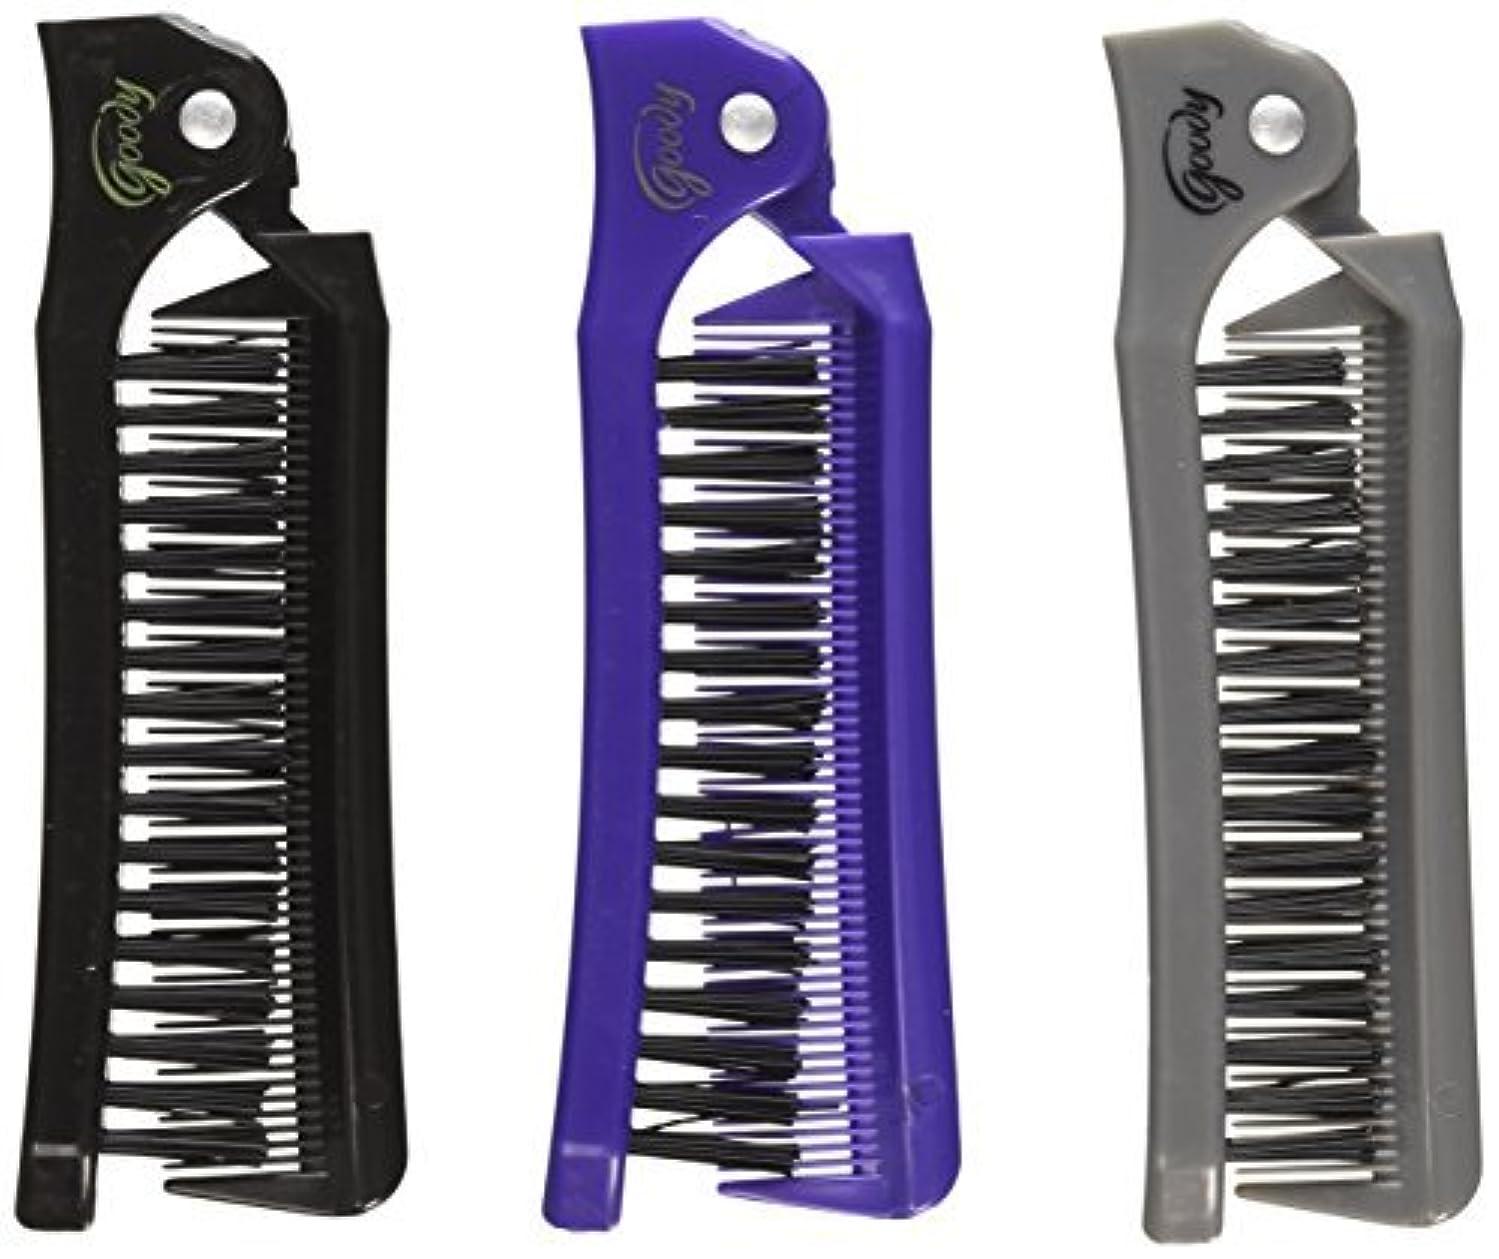 私達悪夢パイプGoody Style On The Go Folding Brush & Comb, Colors May Vary 1 ea (Pack of 3) [並行輸入品]